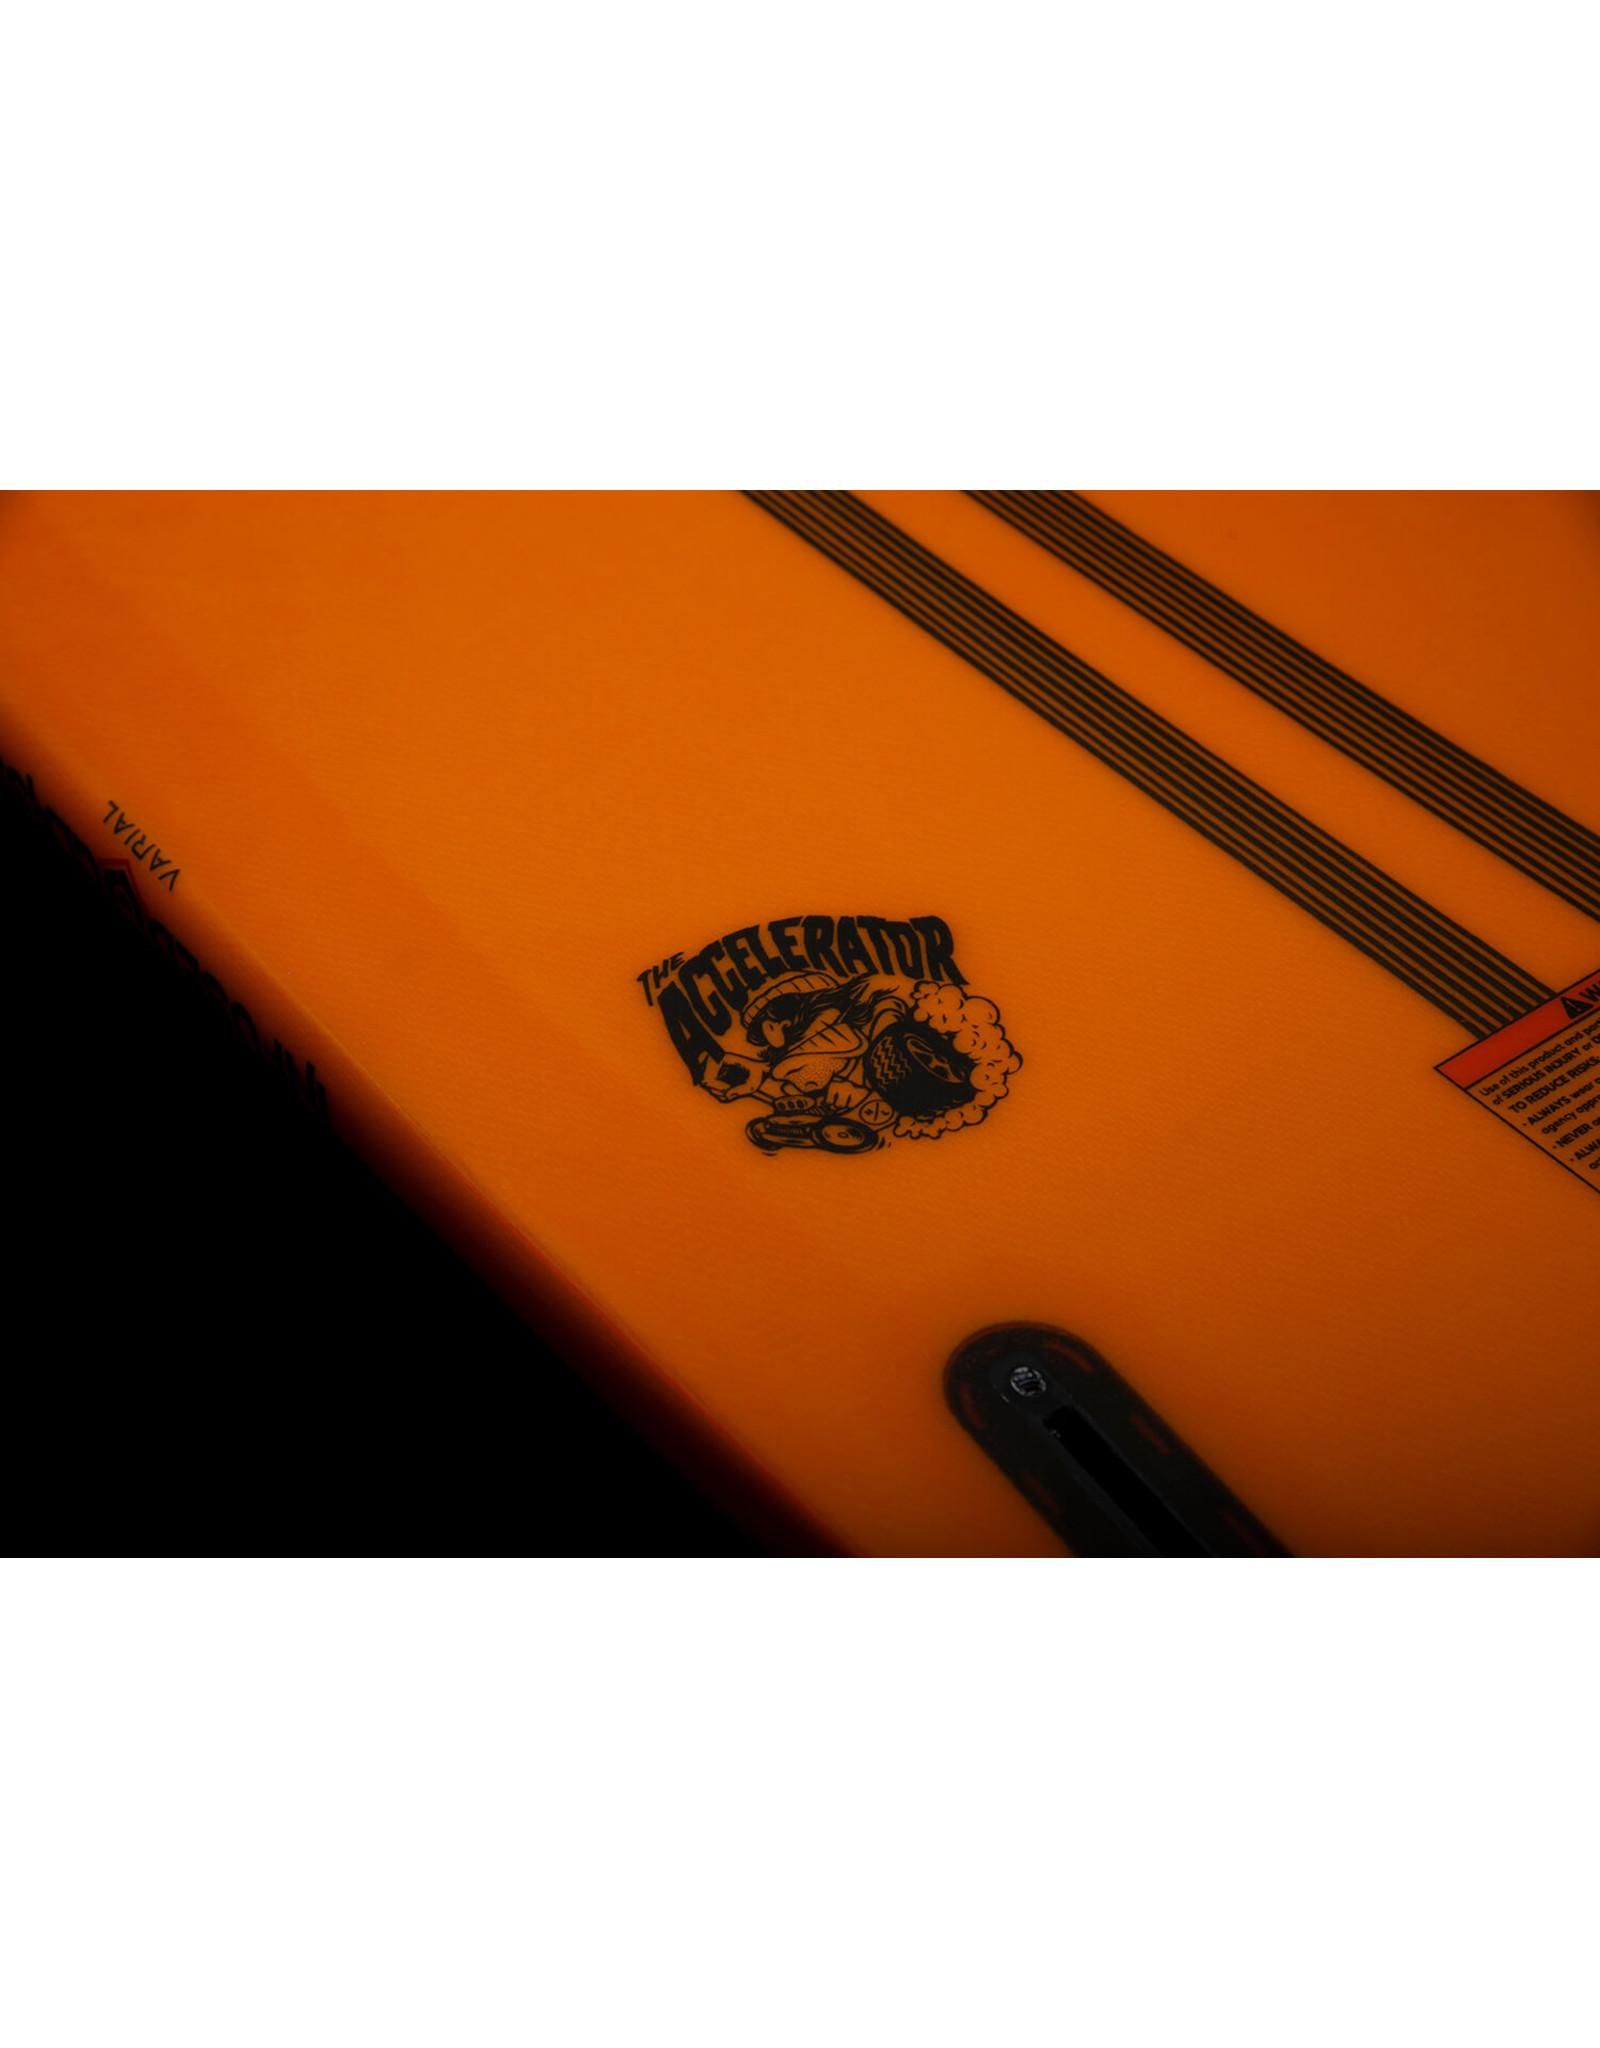 HO/Hyperlite 2021 Accelerator Wakesurfer